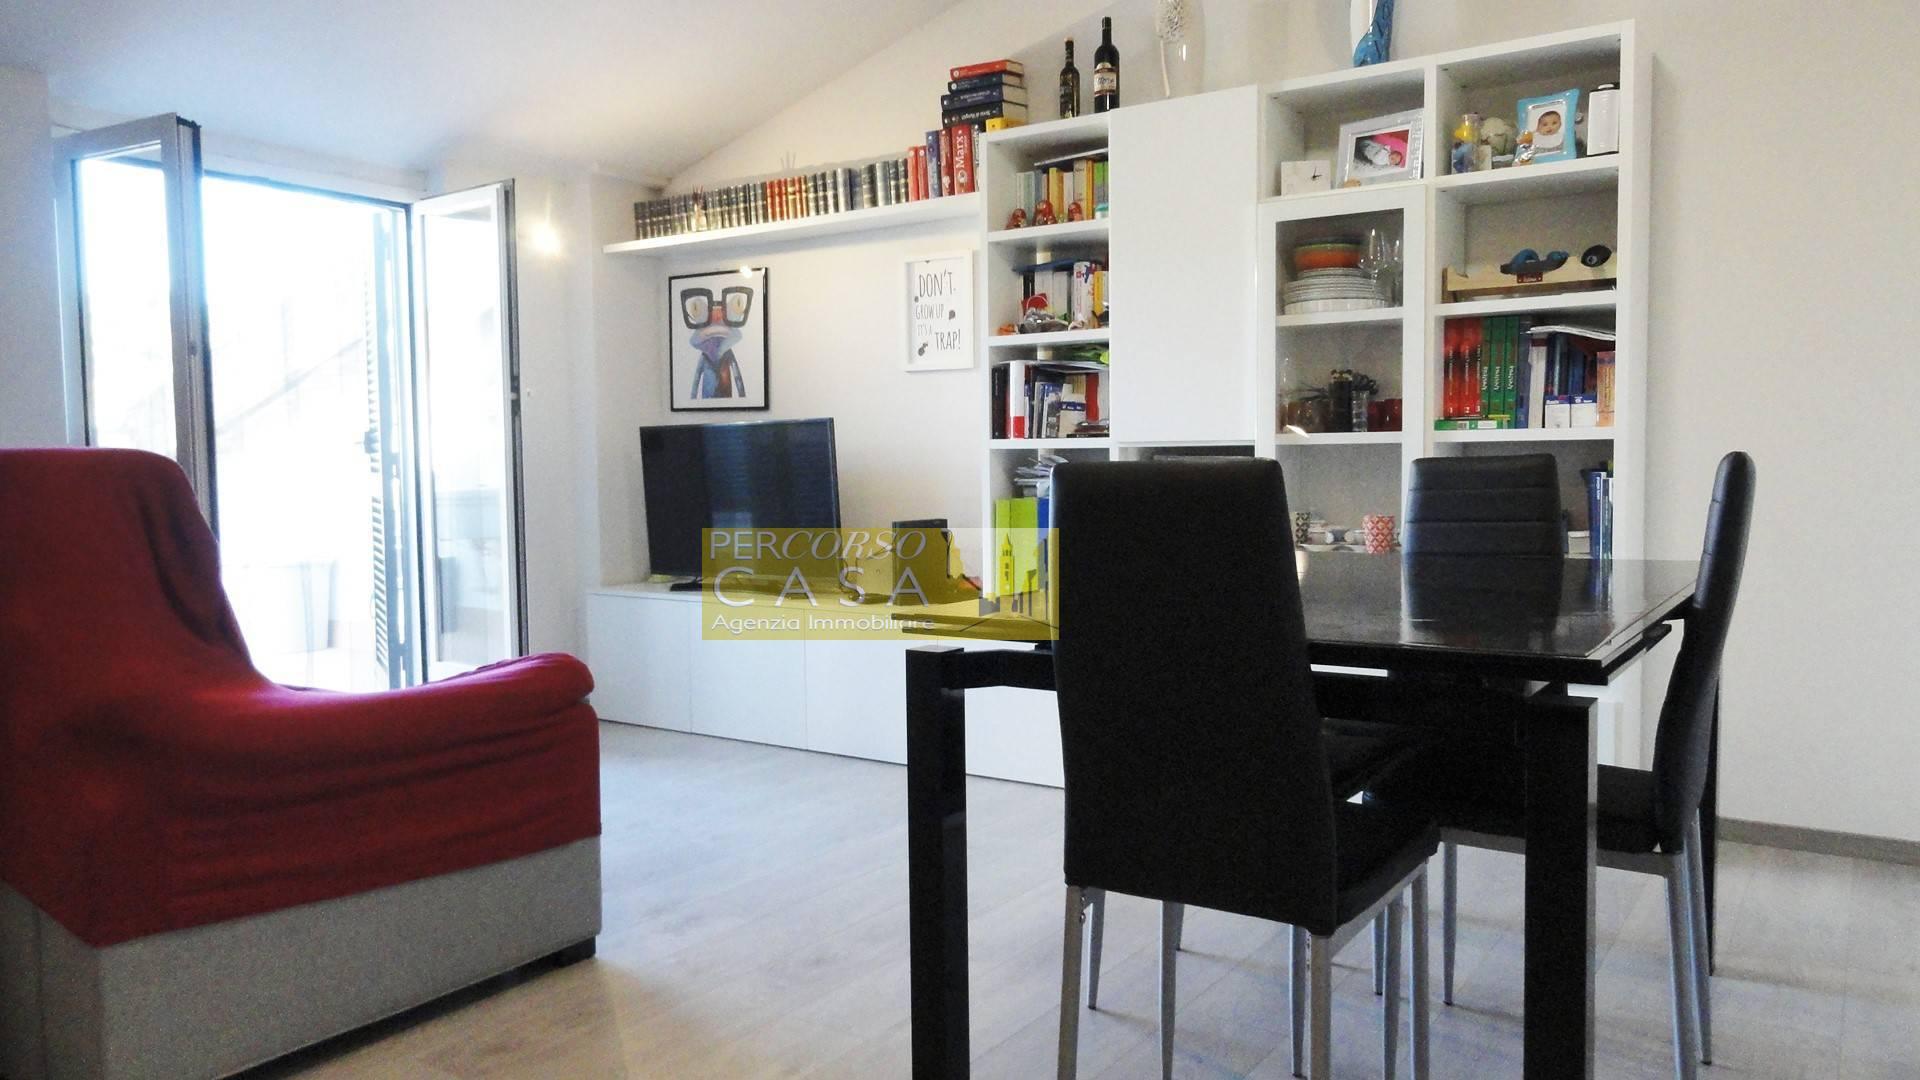 Appartamento in vendita a Teramo, 3 locali, zona Località: VialeBovio, prezzo € 75.000   PortaleAgenzieImmobiliari.it